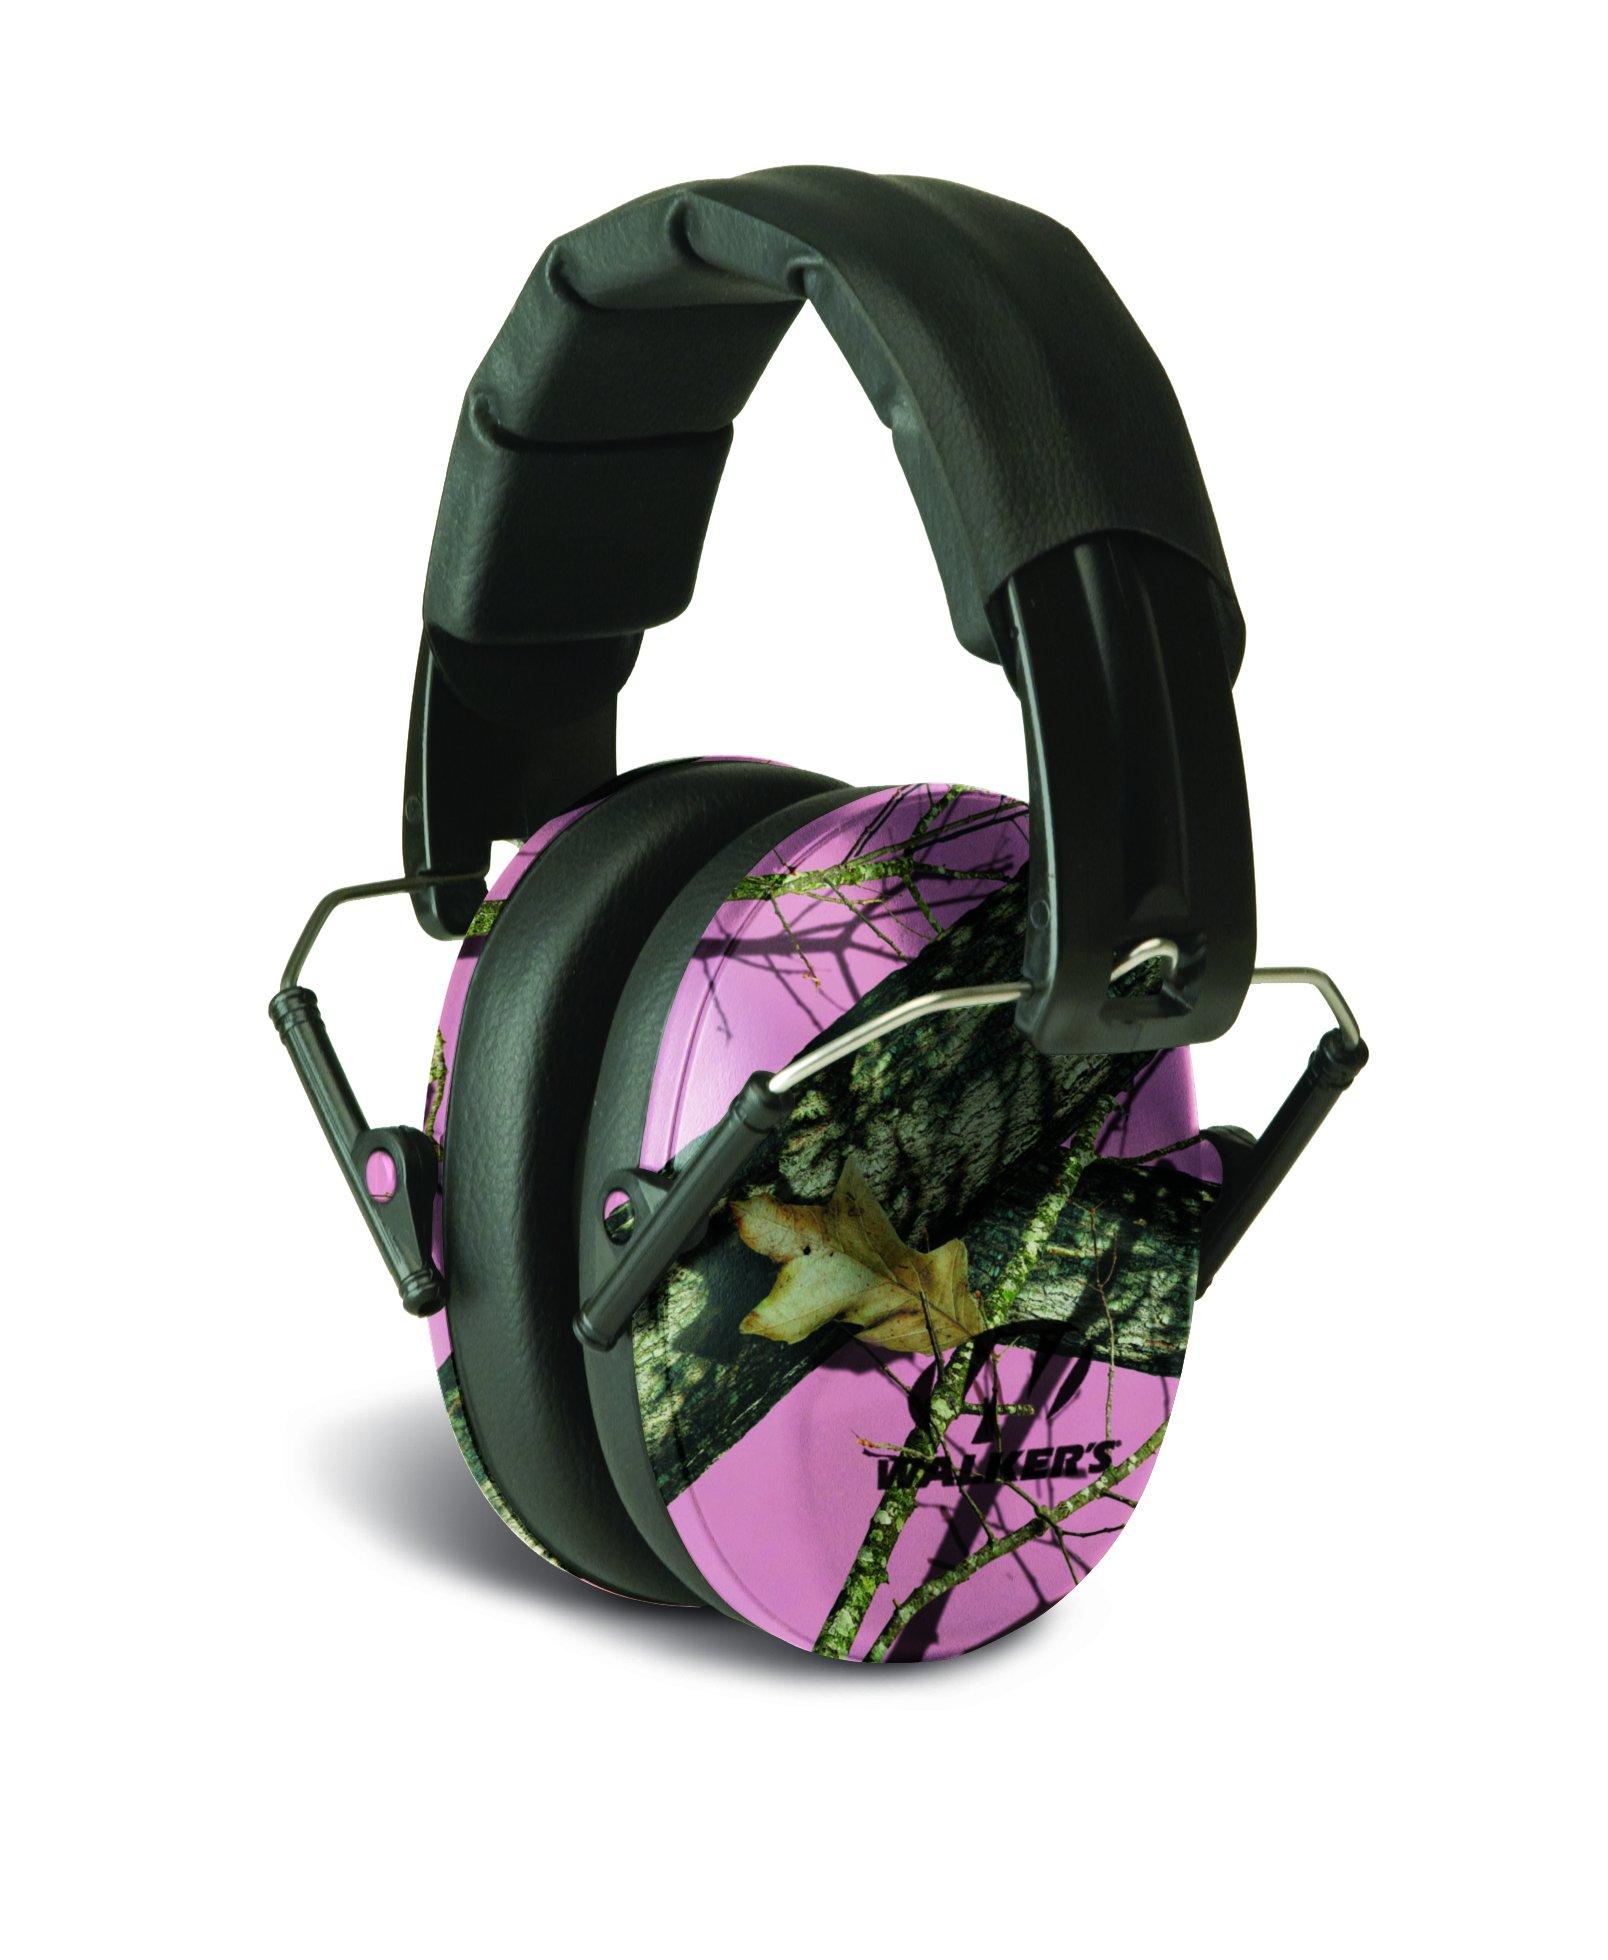 Walker's Low Profile Folding Muff (Pink Mossy Oak Camouflage) by Walker's Game Ear